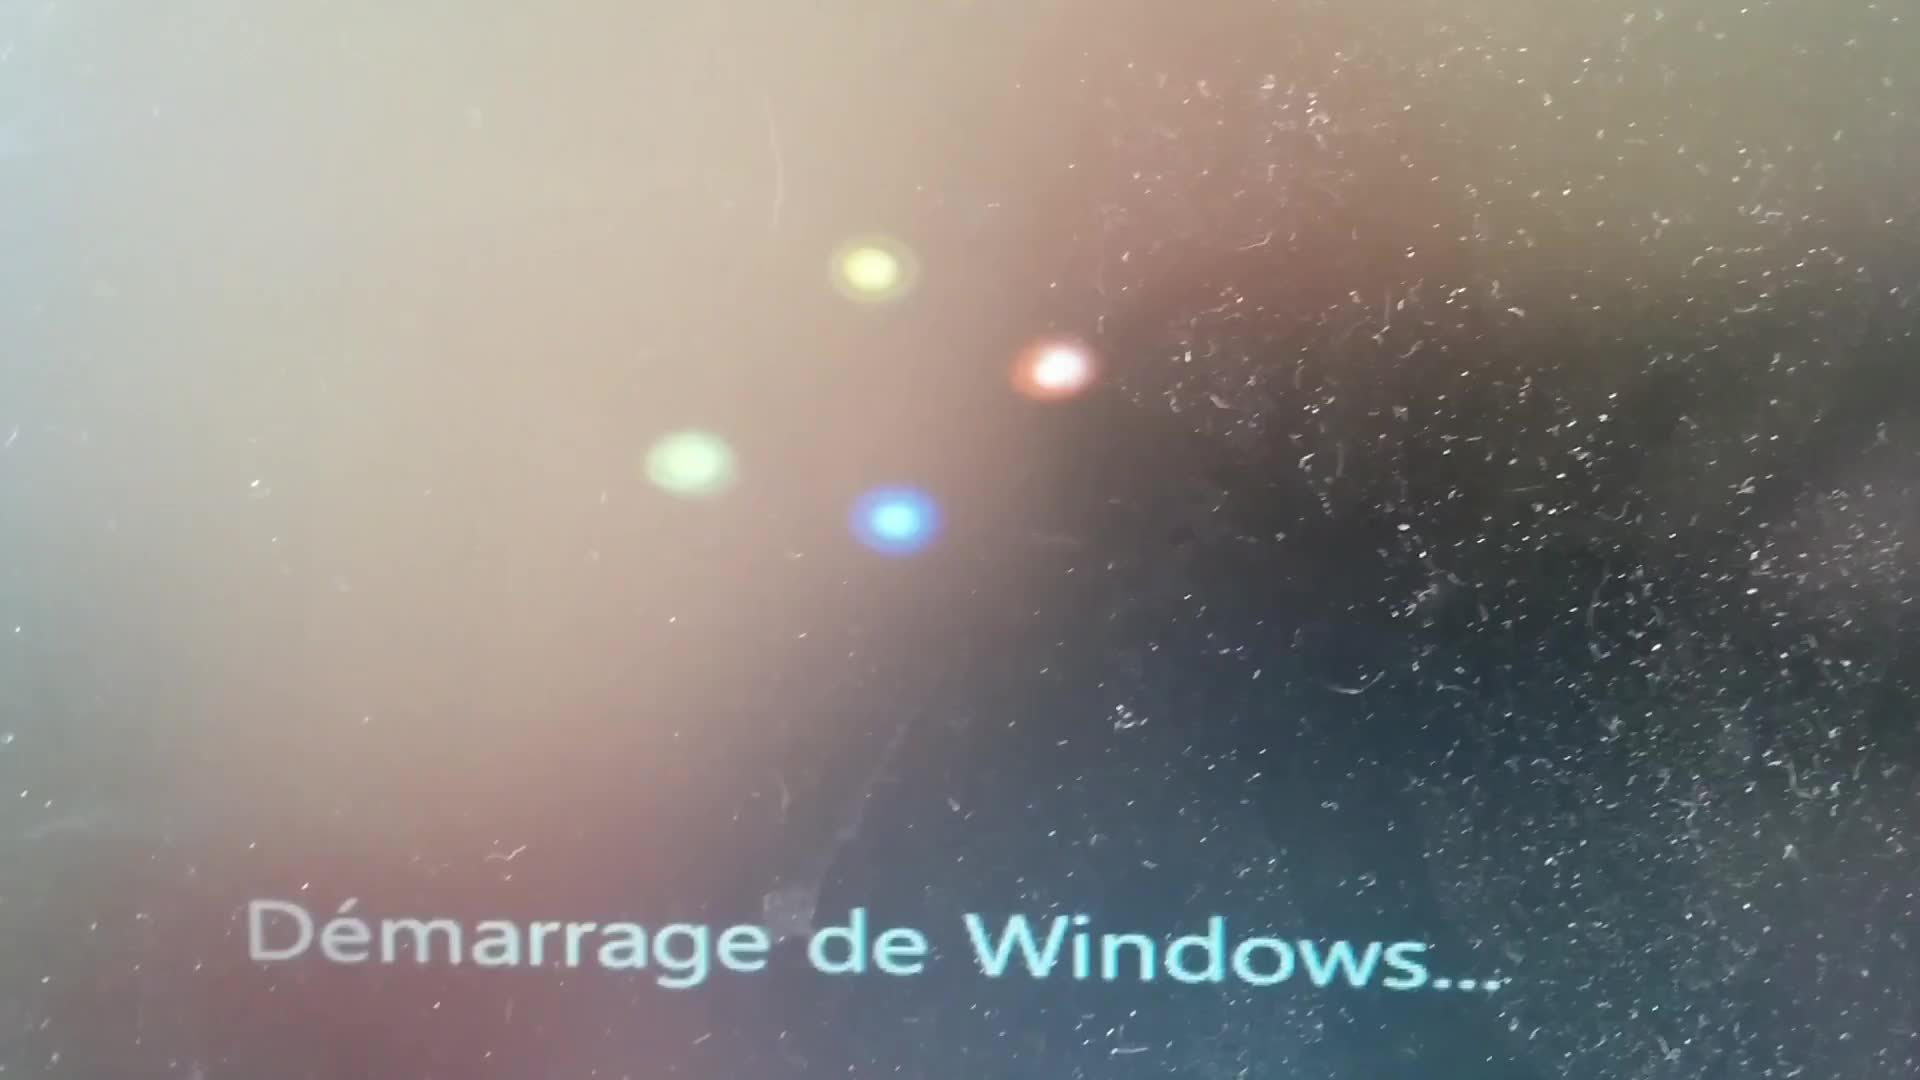 iiiiiiitttttttttttt, Fastest windows boot logo ever GIFs